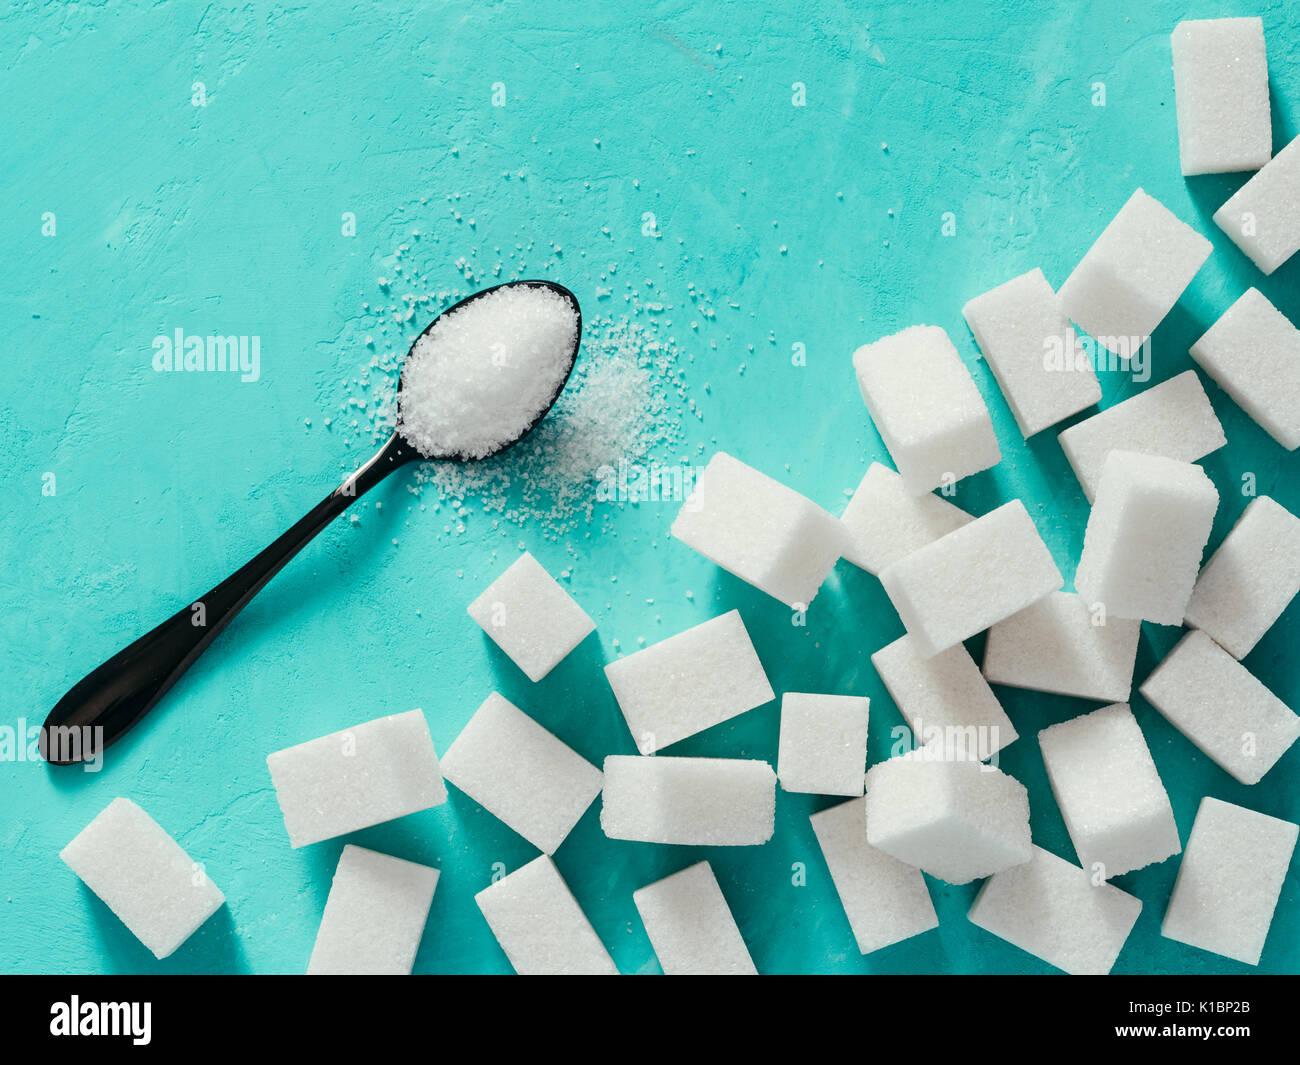 Contexte de cubes de sucre et de sucre dans une cuillère. Sucre blanc sur fond bleu turquoise. Le sucre à l'exemplaire de l'espace. Vue supérieure ou télévision lay Photo Stock